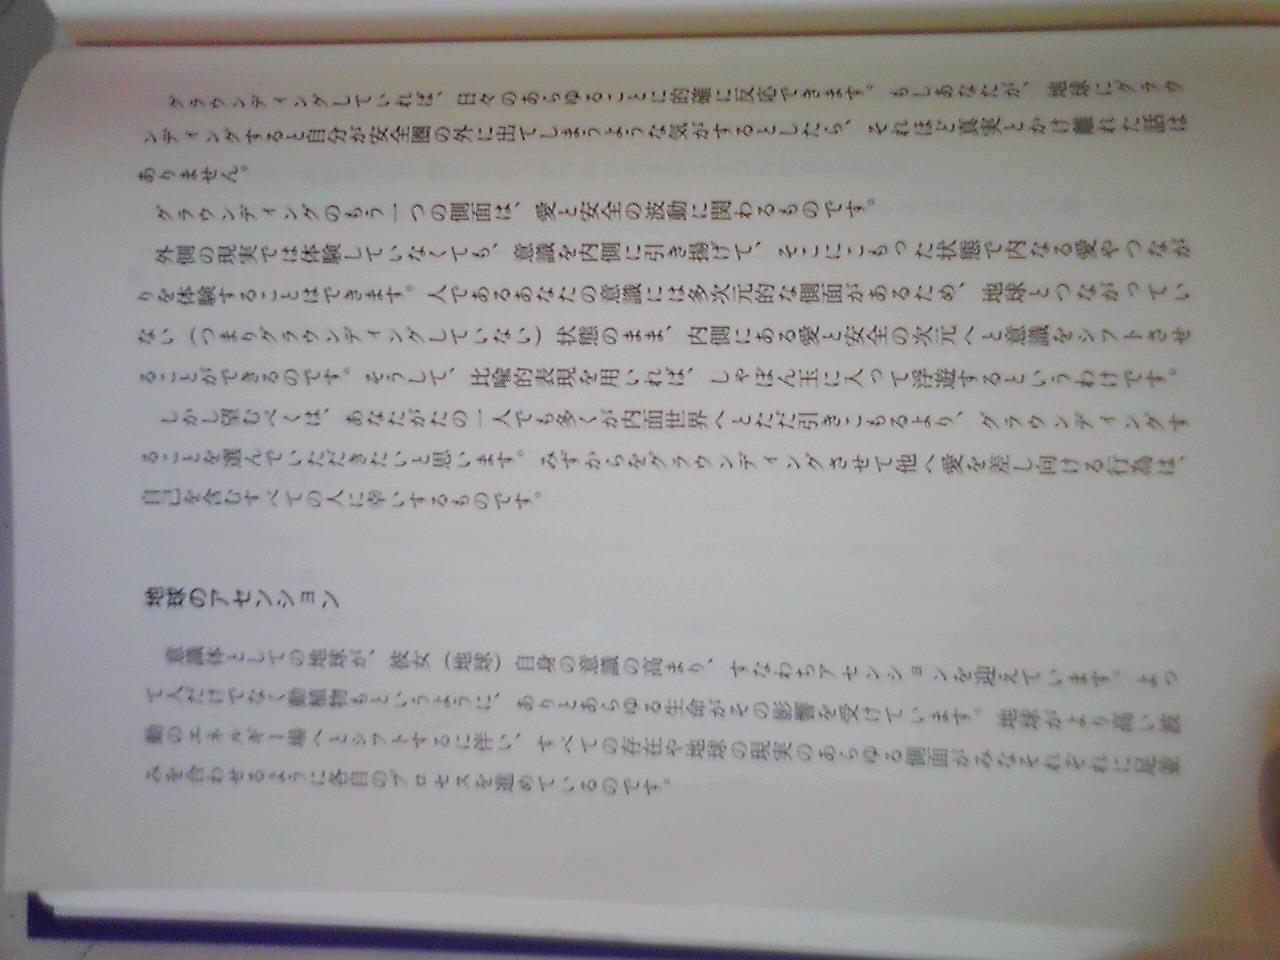 f:id:uta_stream:20190921160008j:plain